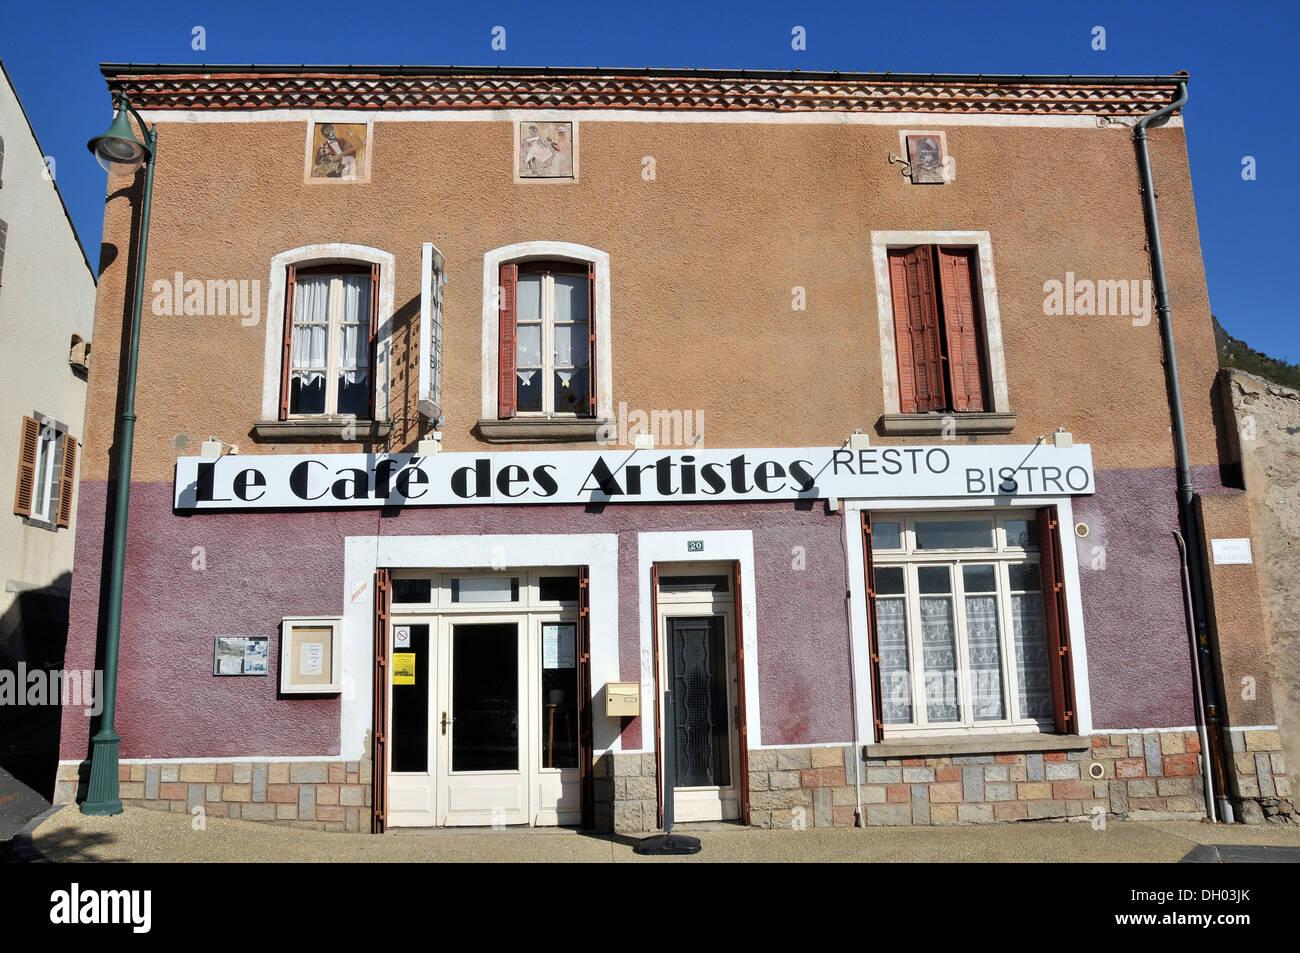 Le Café des Artistes restaurant bistro Perrier Puy-de-Dome Auvergne Massif-Central France Europe - Stock Image